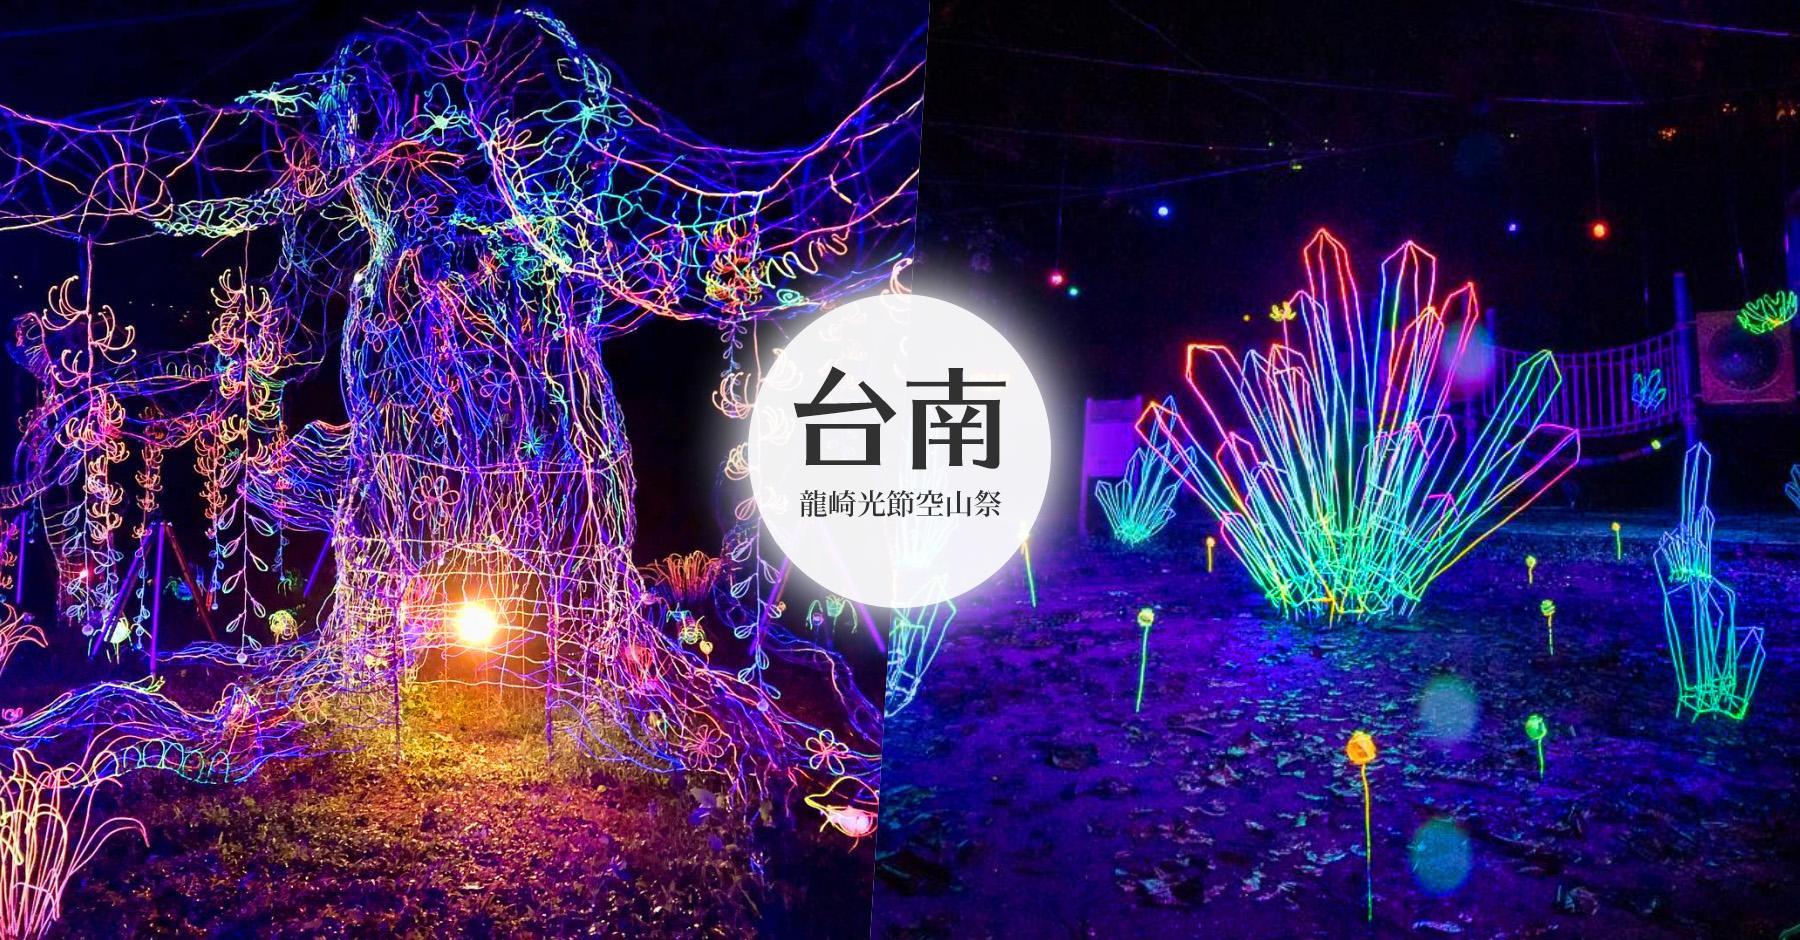 臺南新景點|龍崎光節空山祭|夢幻燈節夜遊秘境順遊左鎮化石園區&水道博物館